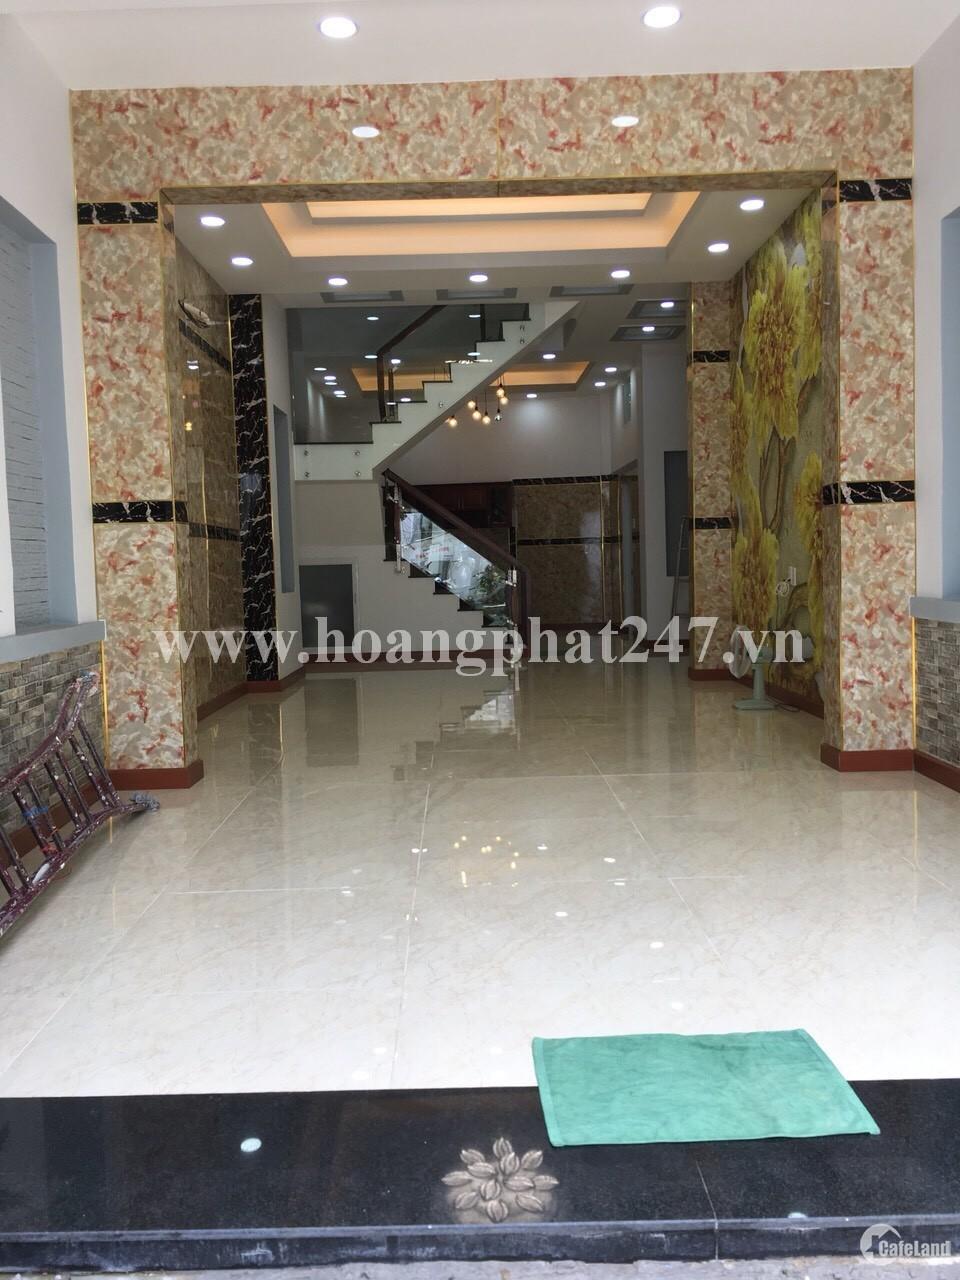 Bán nhà HXH Nguyễn Văn Đậu, P.7, Bình Thạnh, 4x15m